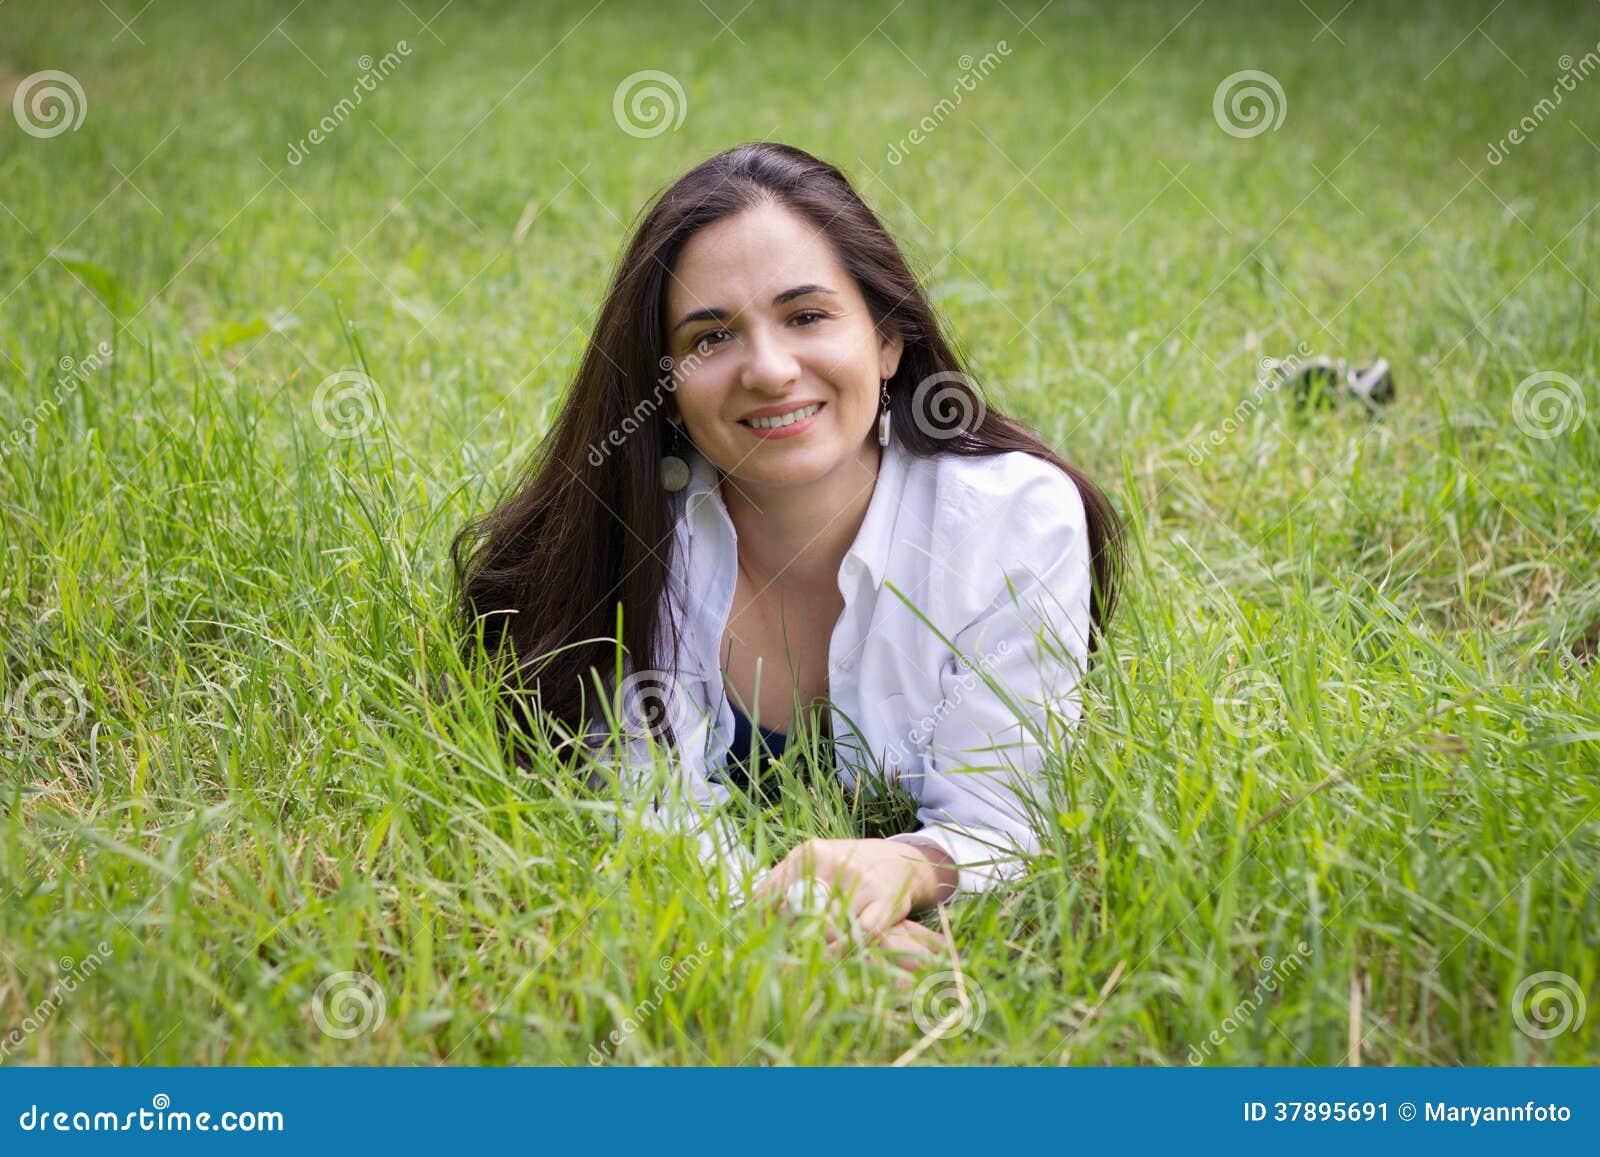 Das Mädchen liegt in einem grünen Gras